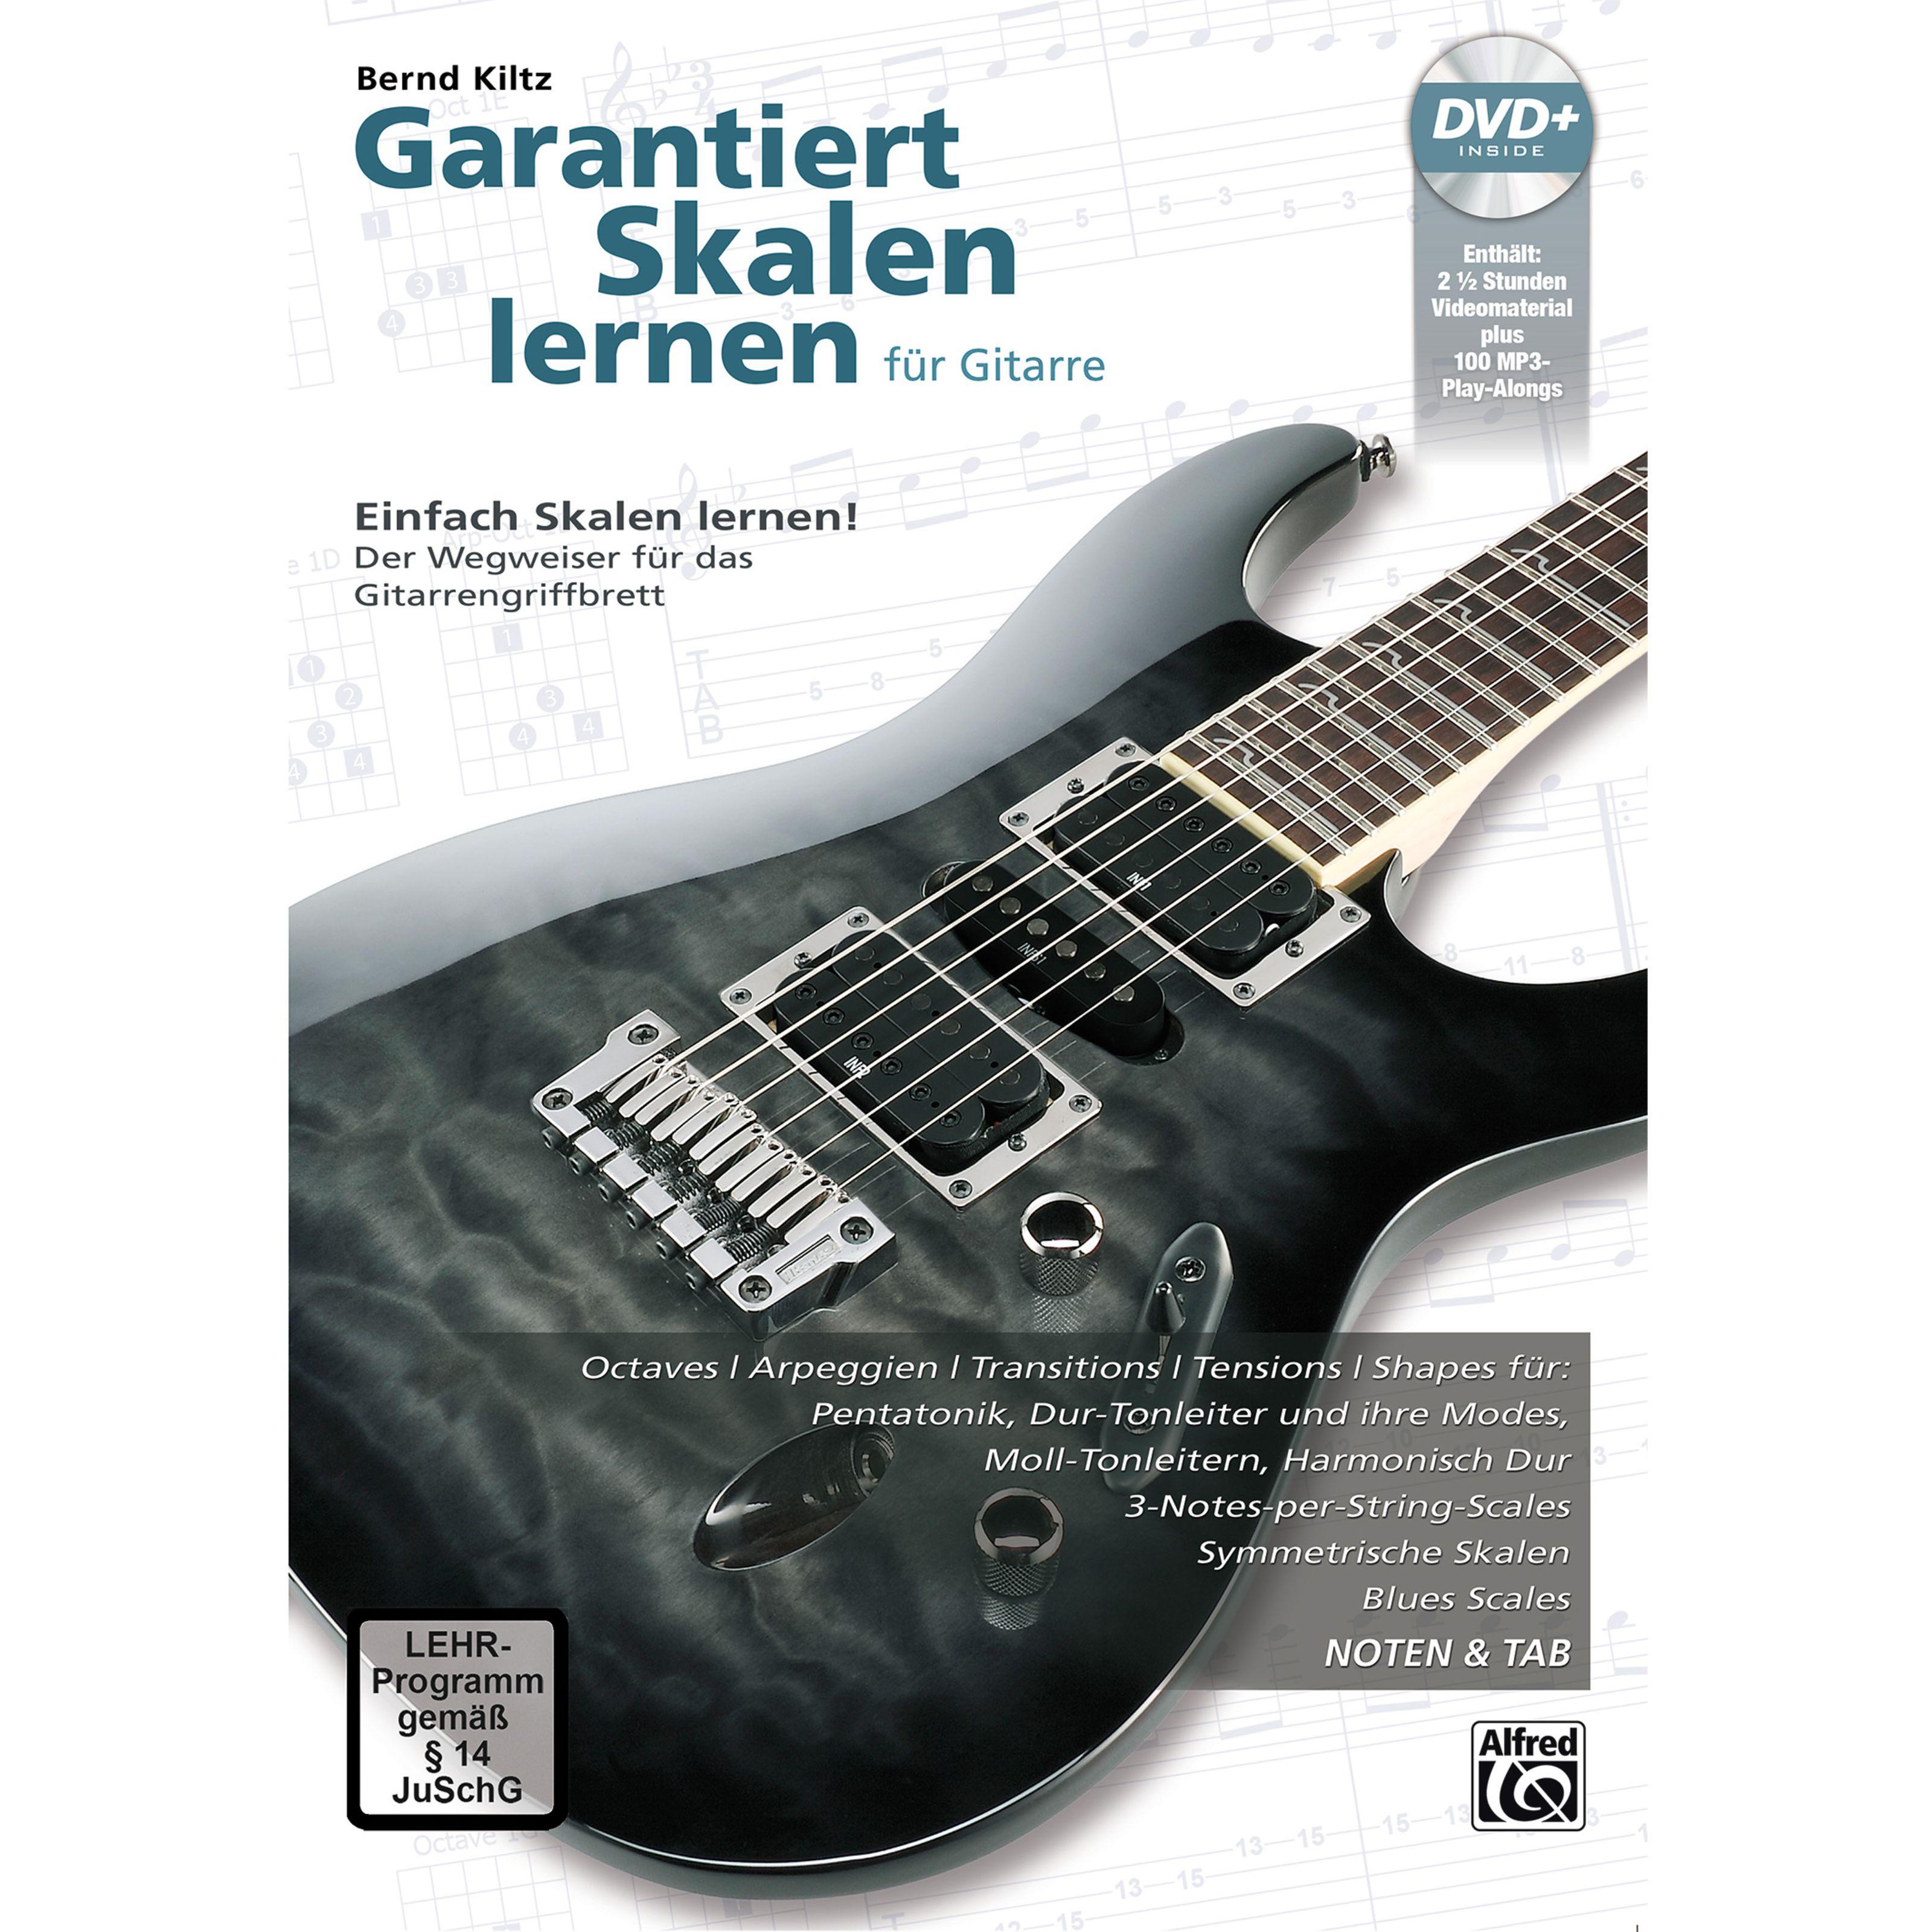 Alfred Music - Garantiert Skalen lernen